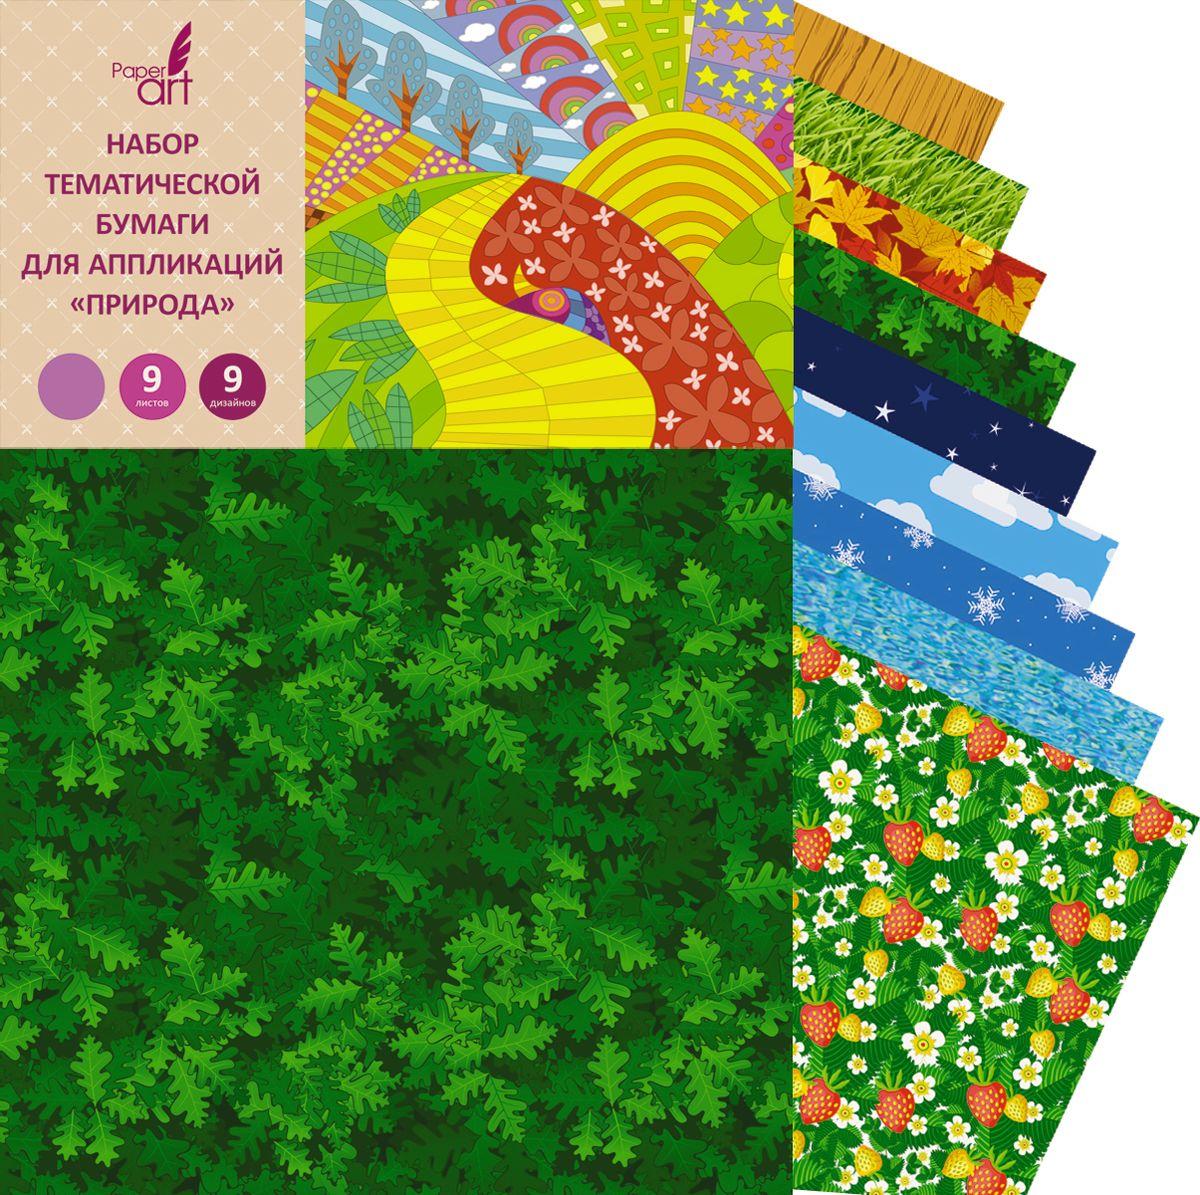 Канц-Эксмо Набор тематической бумаги для аппликаций Paper Art Животные 9 листов 9 дизайновНЦБТ9322Набор тематической бумаги для аппликаций Канц-Эксмо Paper Art. Животные позволит вам и вашему ребенку создавать всевозможные аппликации и поделки. Набор содержит 9 листов цветной бумаги 9 разных дизайнов.Создание поделок из цветной бумаги - это увлекательный процесс, способствующий развитию фантазии и творческого мышления.Набор прекрасно подойдет для рисования, создания аппликаций, оригами, изготовления различных поделок и открыток.